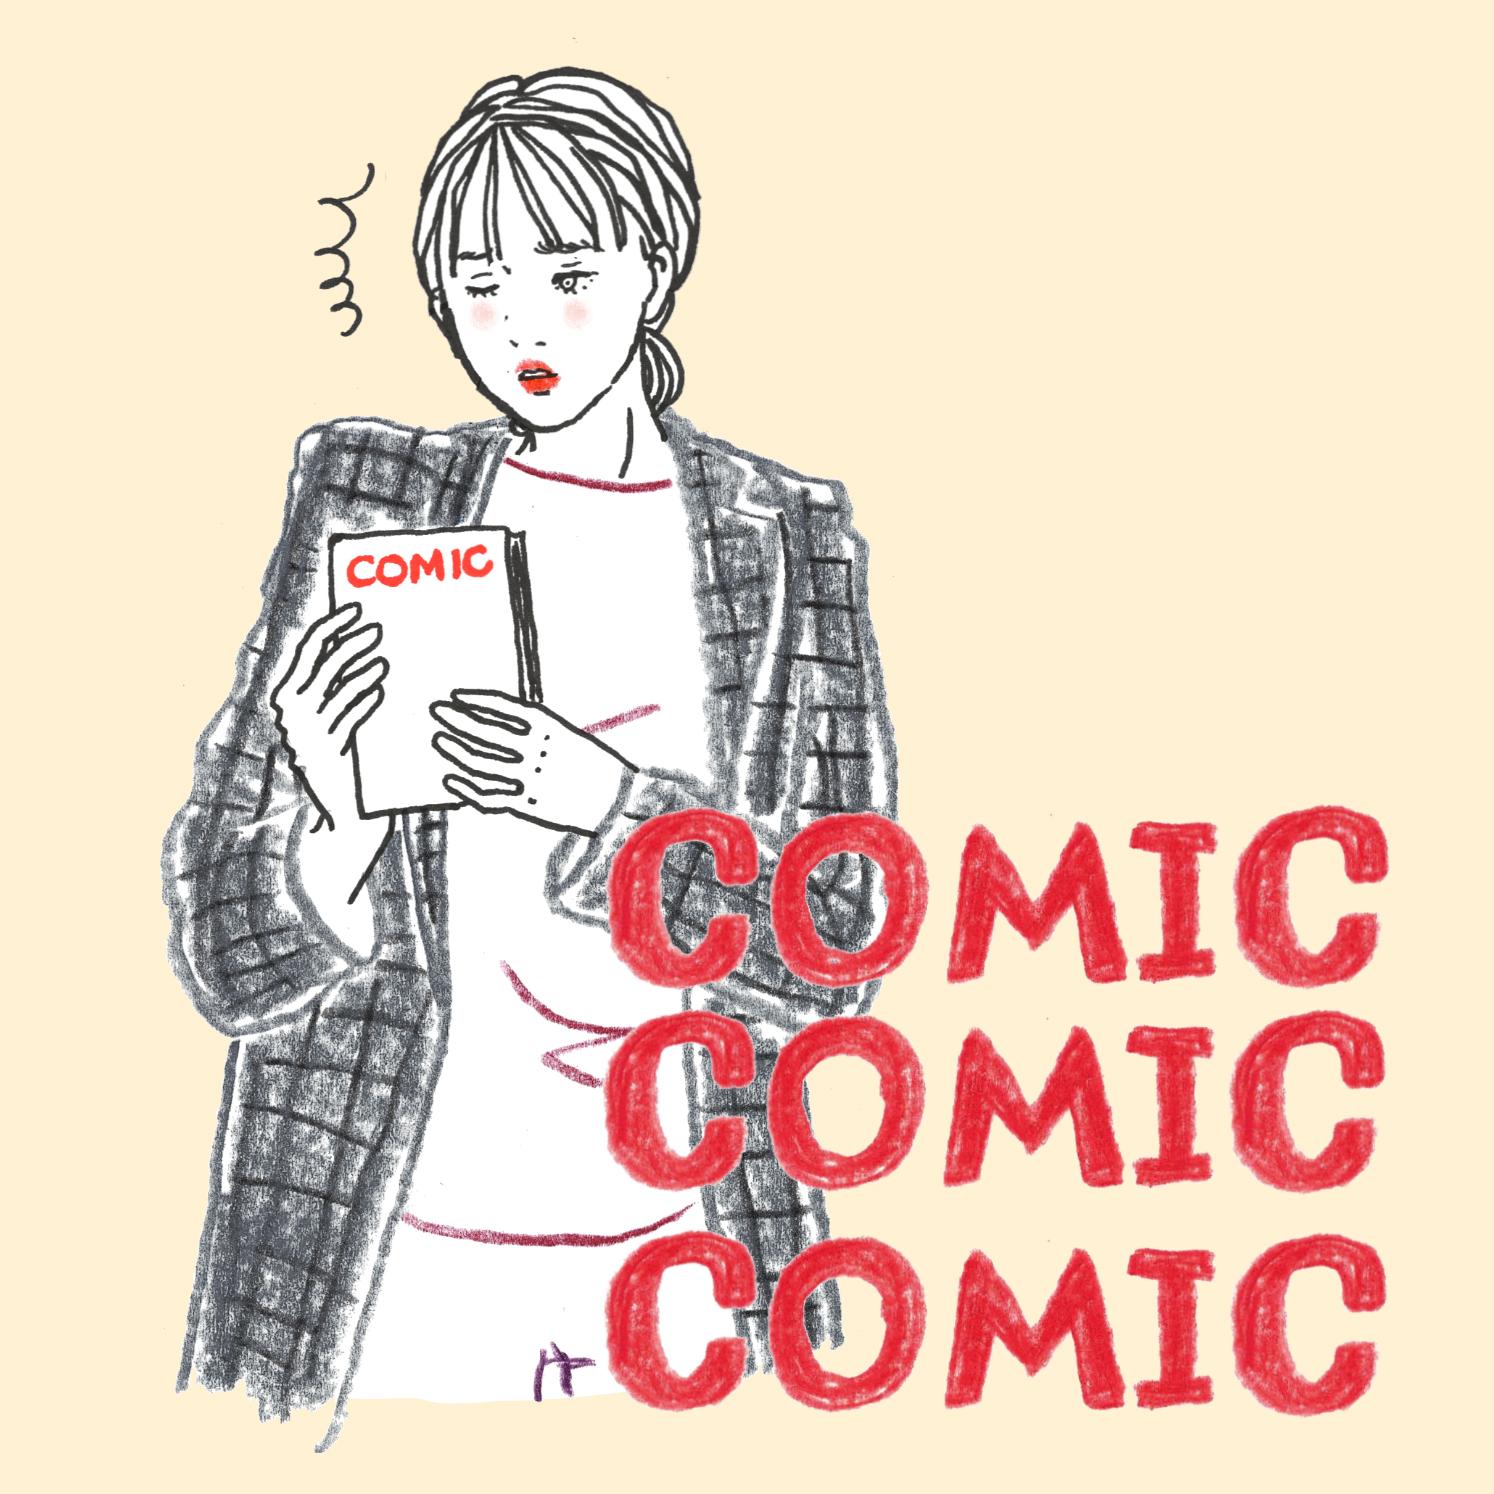 Q:ふらりと出掛けた本屋さんで、欲しかった漫画の最新巻が発売になっていると思ったあなたは喜んで買って帰りました。ところがその巻はすでに持っているものでした。あなたは買った漫画をどうしましたか?